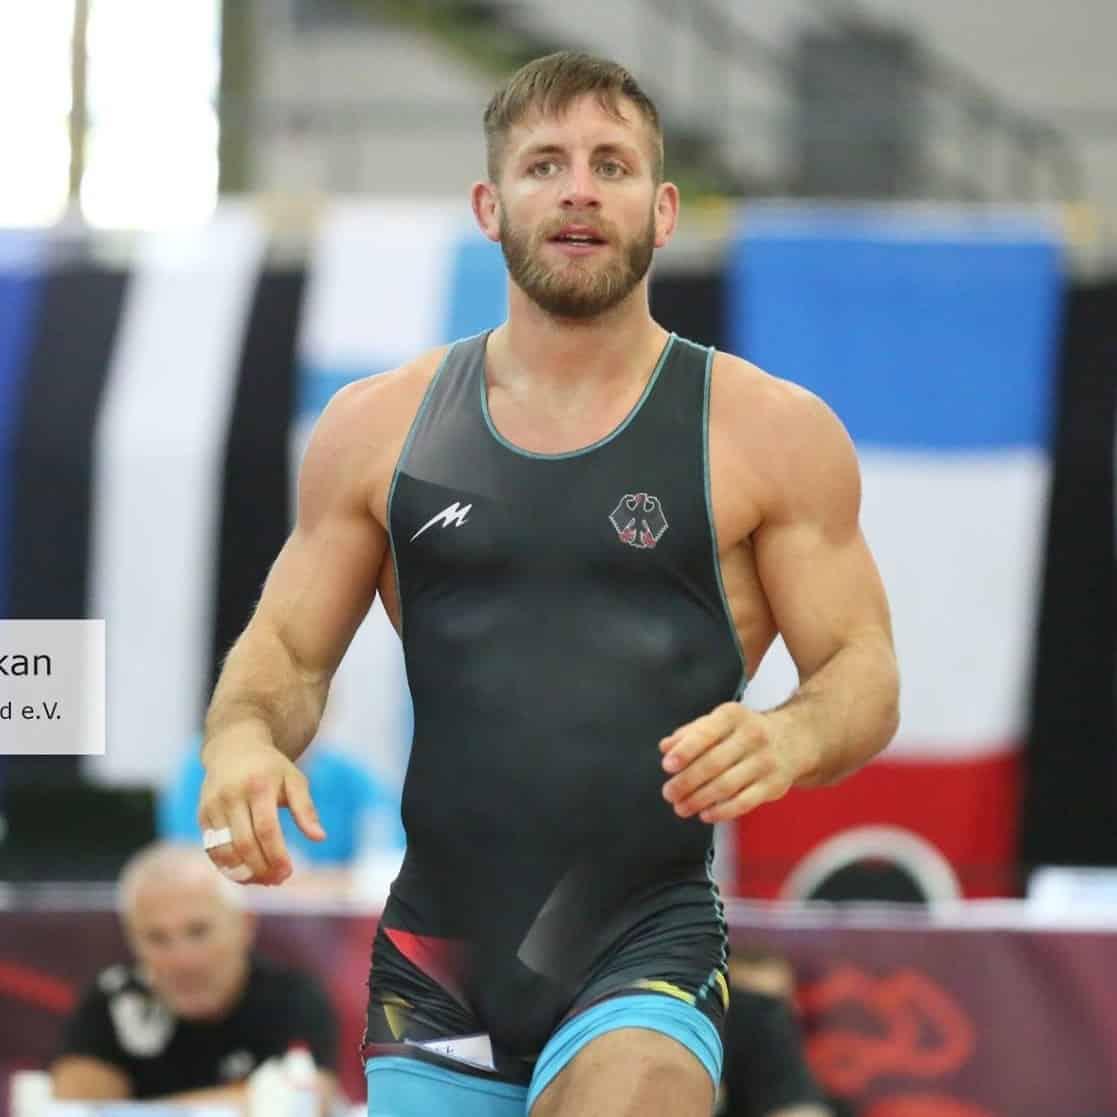 Florian Neumeier